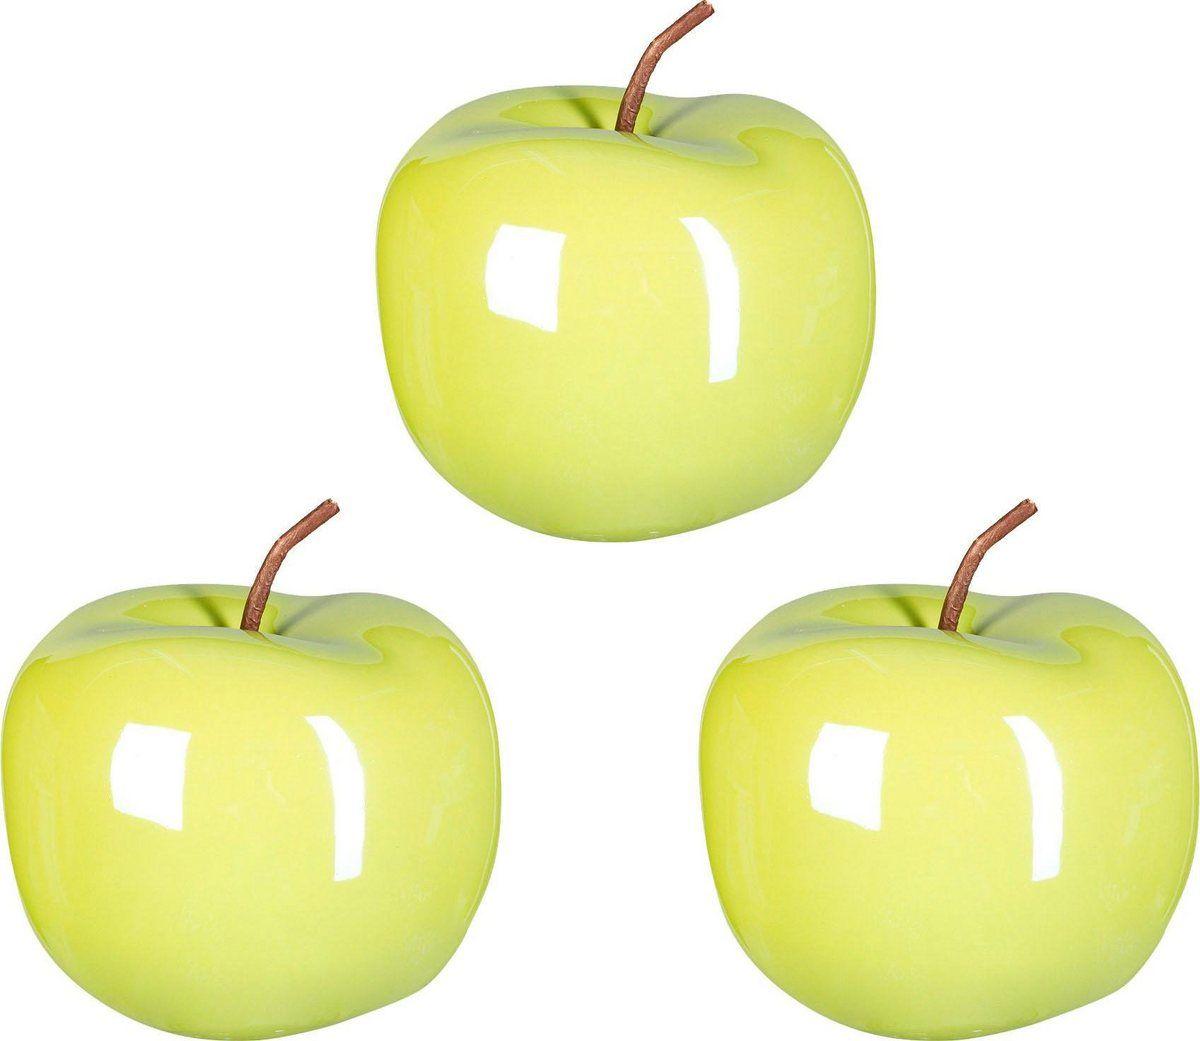 Keramik Deko Apfel Pearl Efct 3er Set Karamel Apfel Apfel